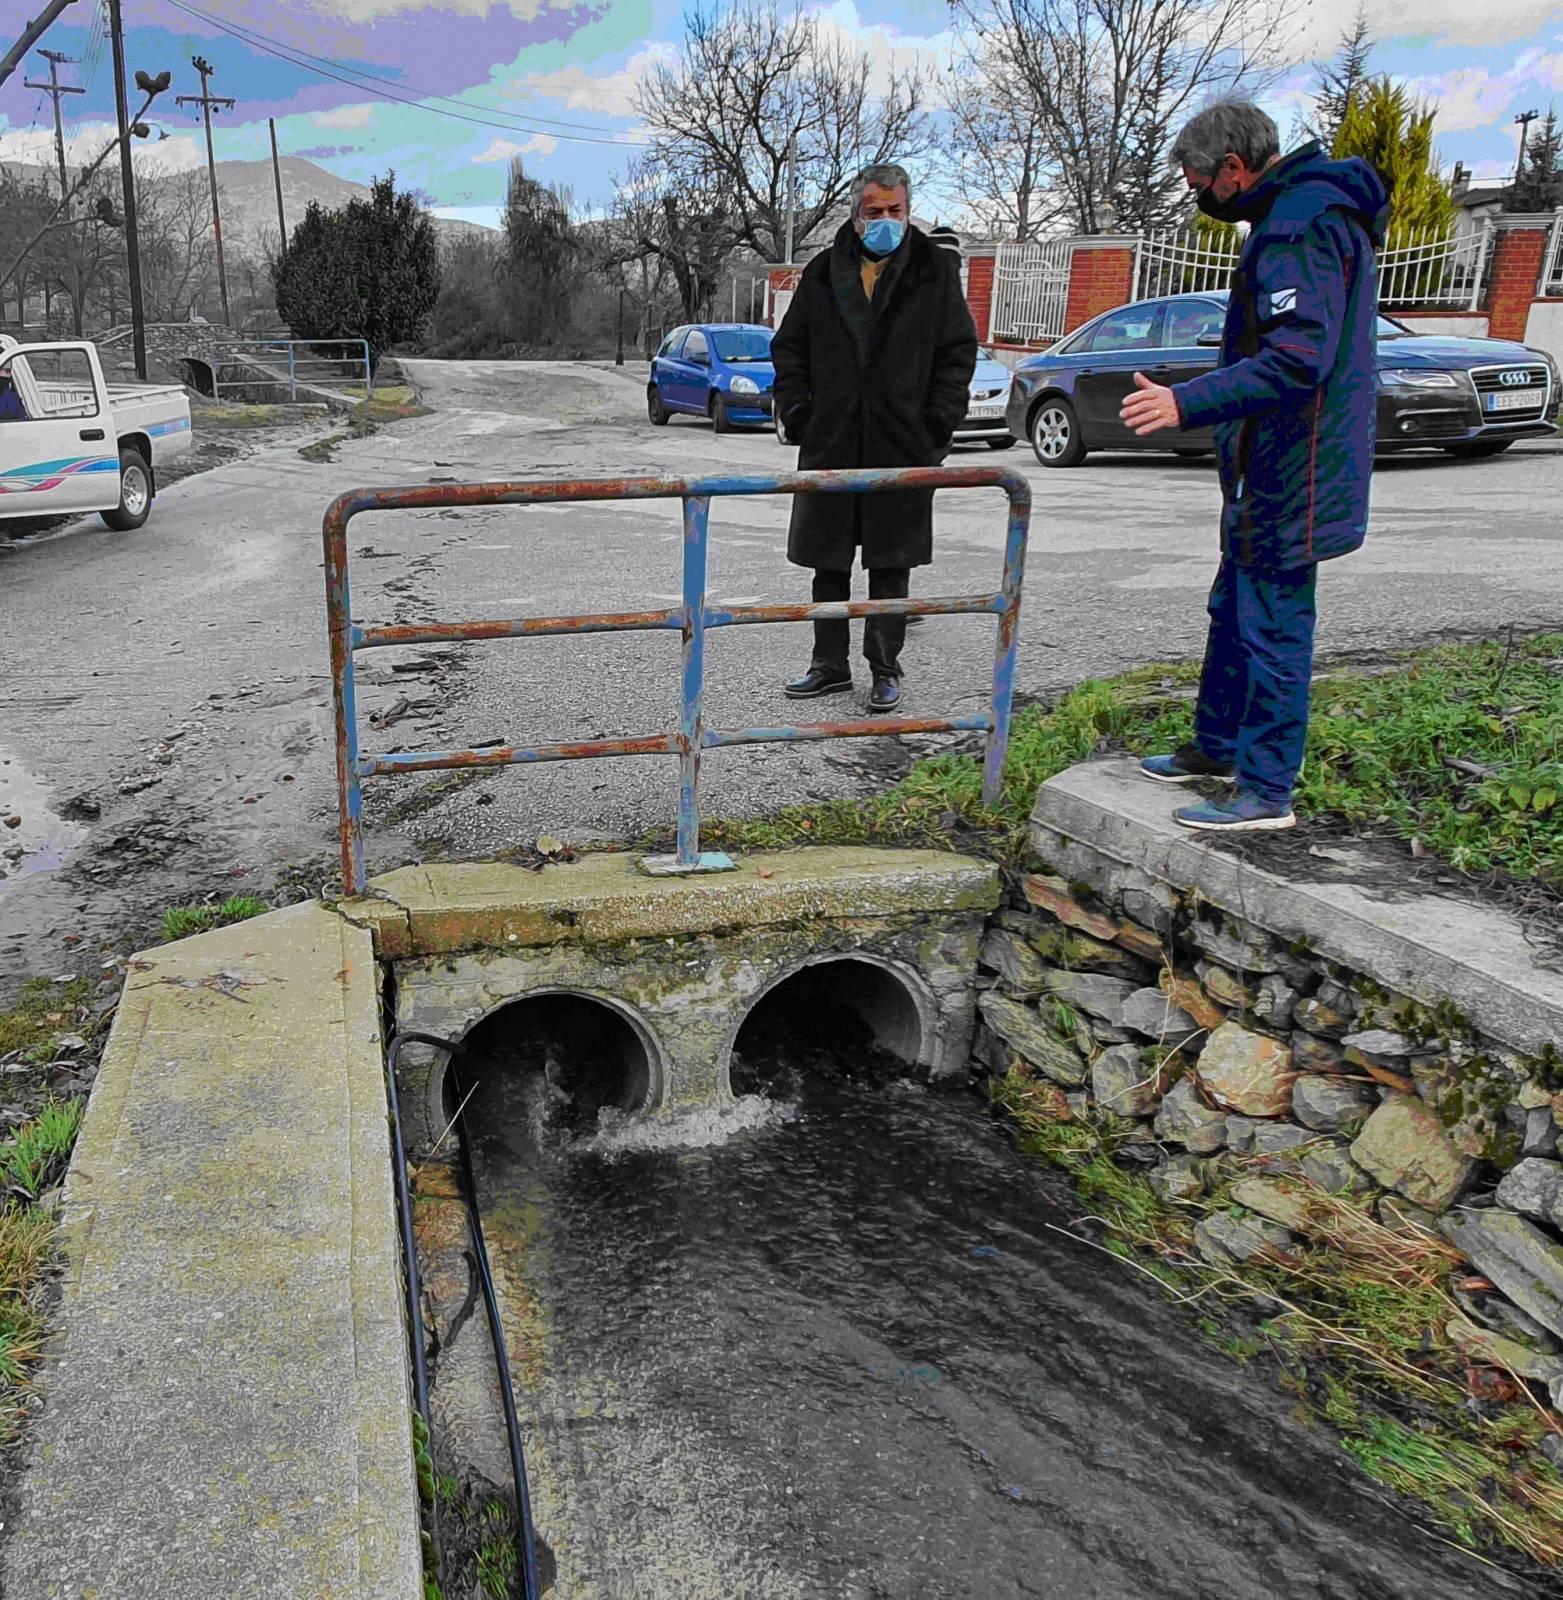 Π.Ε. Κοζάνης: 3 Αντιπλημμυρικά Τεχνικά Έργα στο Καστανόδασος Εμπορίου